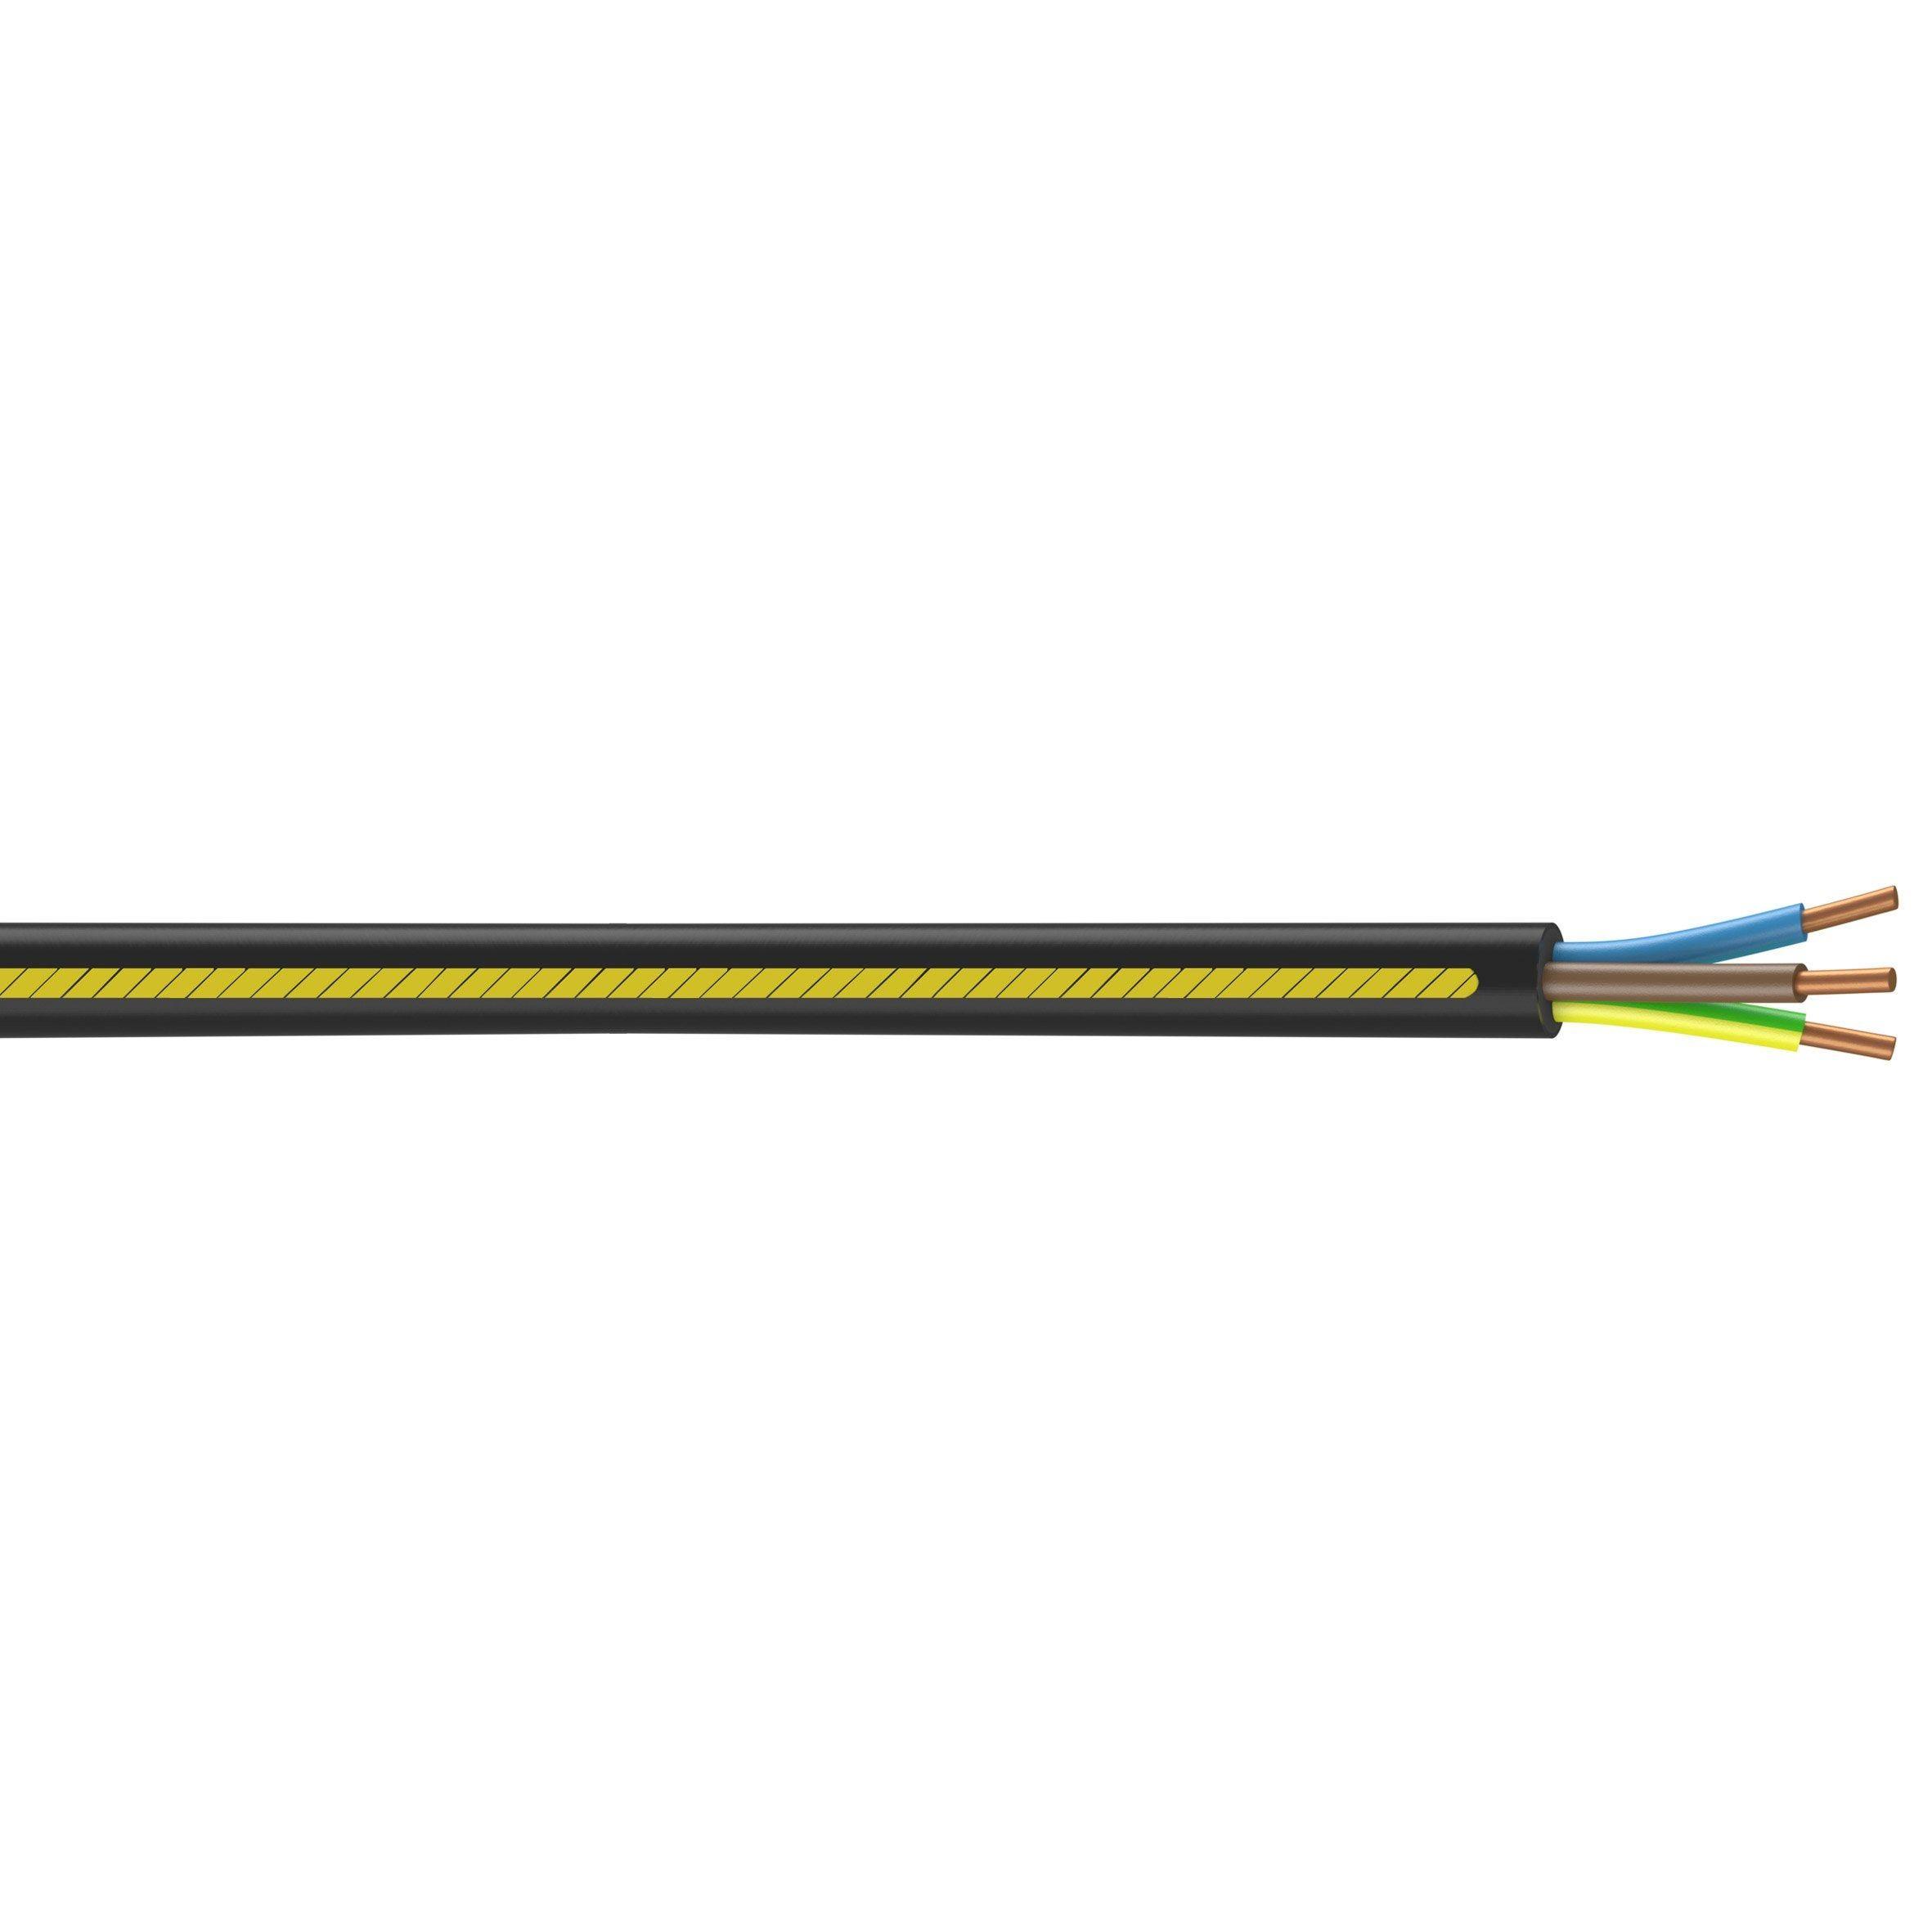 Cable Electrique U1000r2v Noir L 15 M 2 5 Mm Nexans Cable Electrique Circuit Electrique Et Electrique